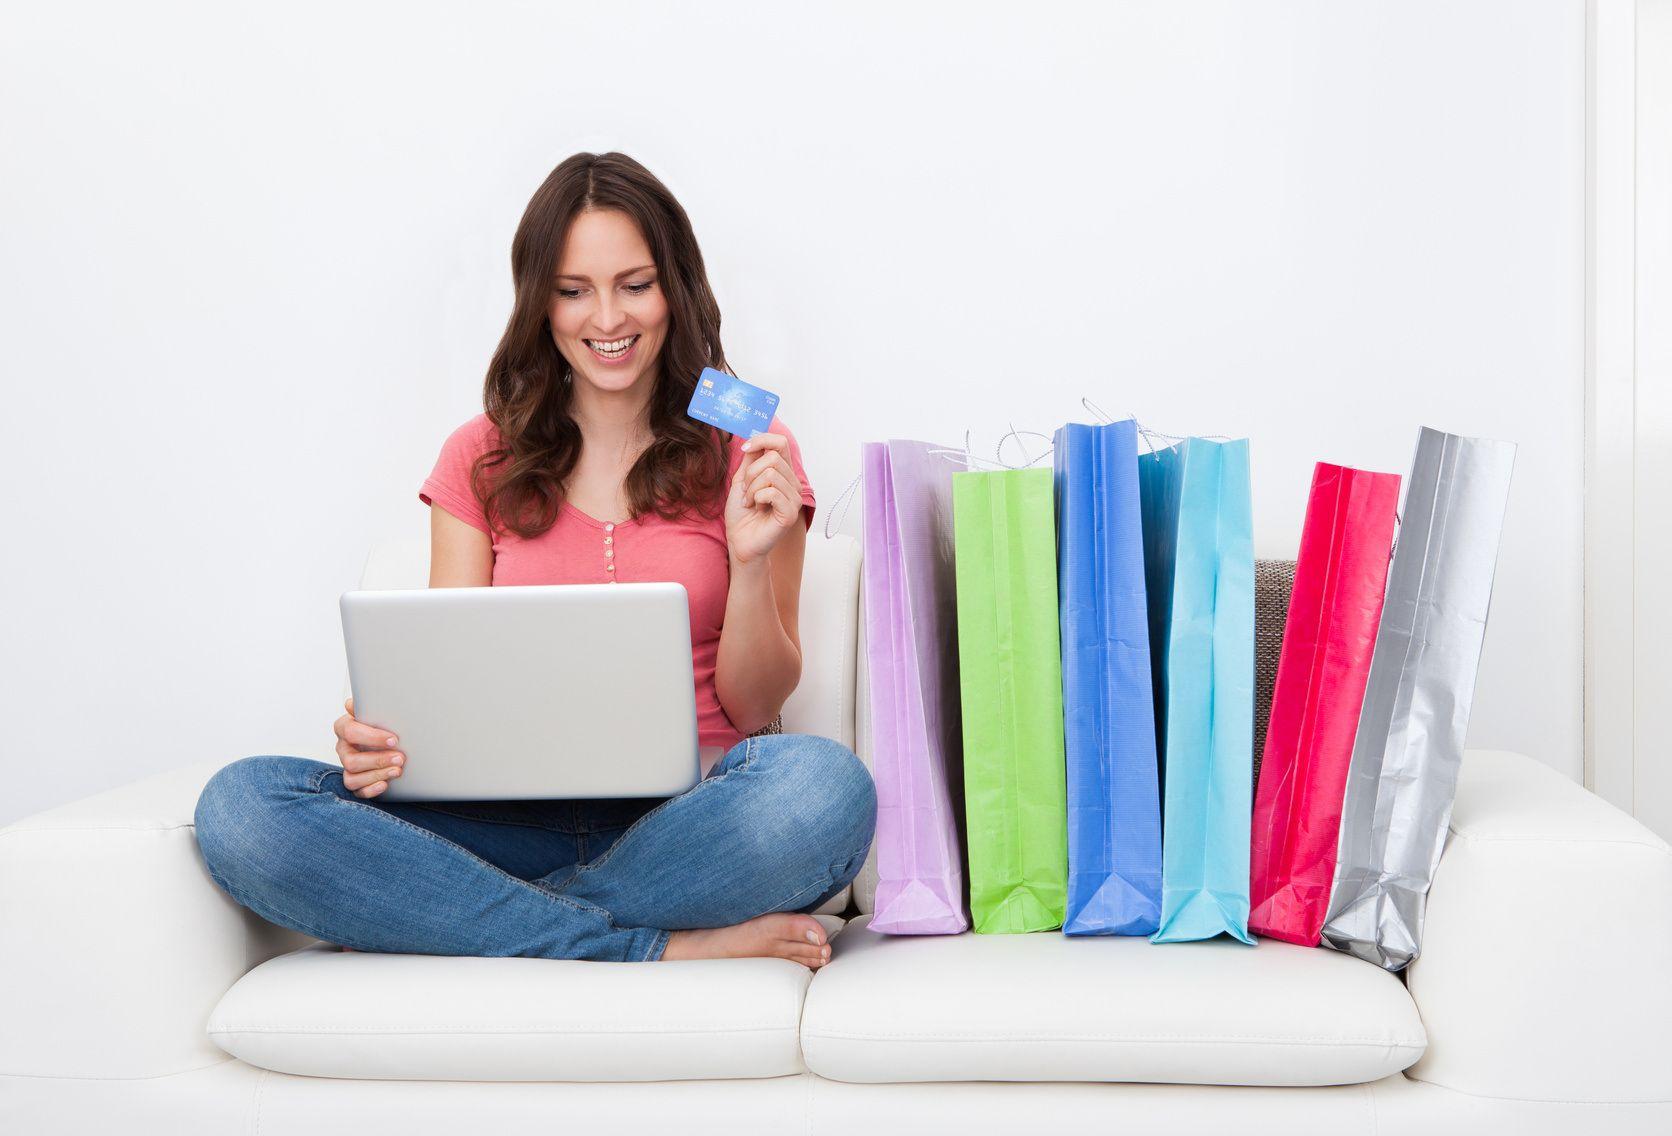 Saldi estivi 2015: 7 app e consigli per uno shopping di successo